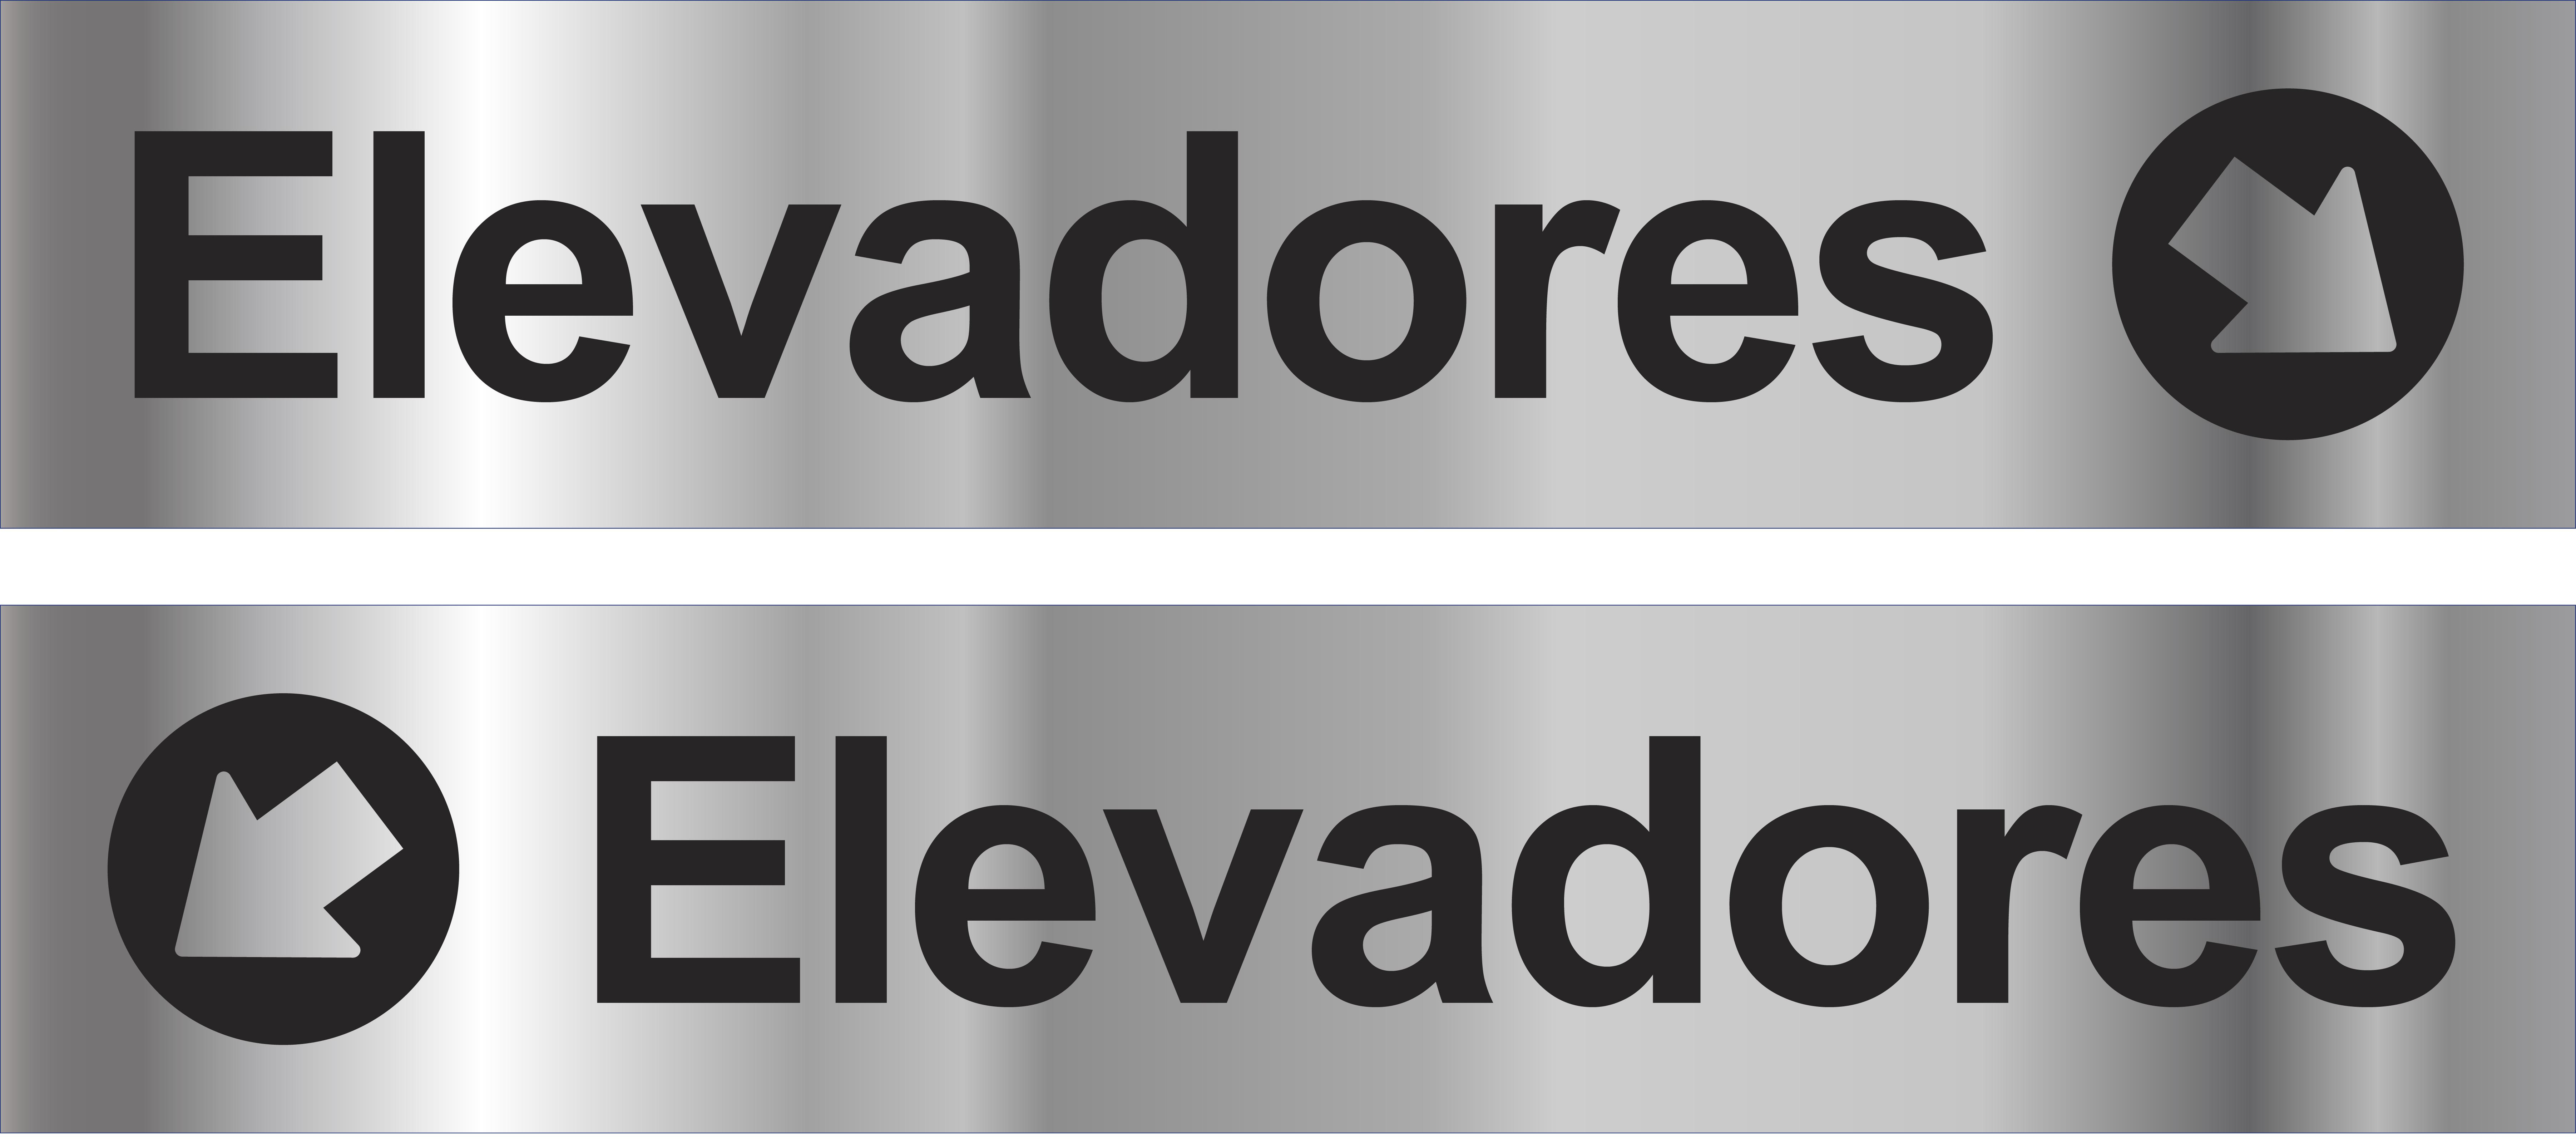 SEÑALES_ELEVADORES_TORRE_II